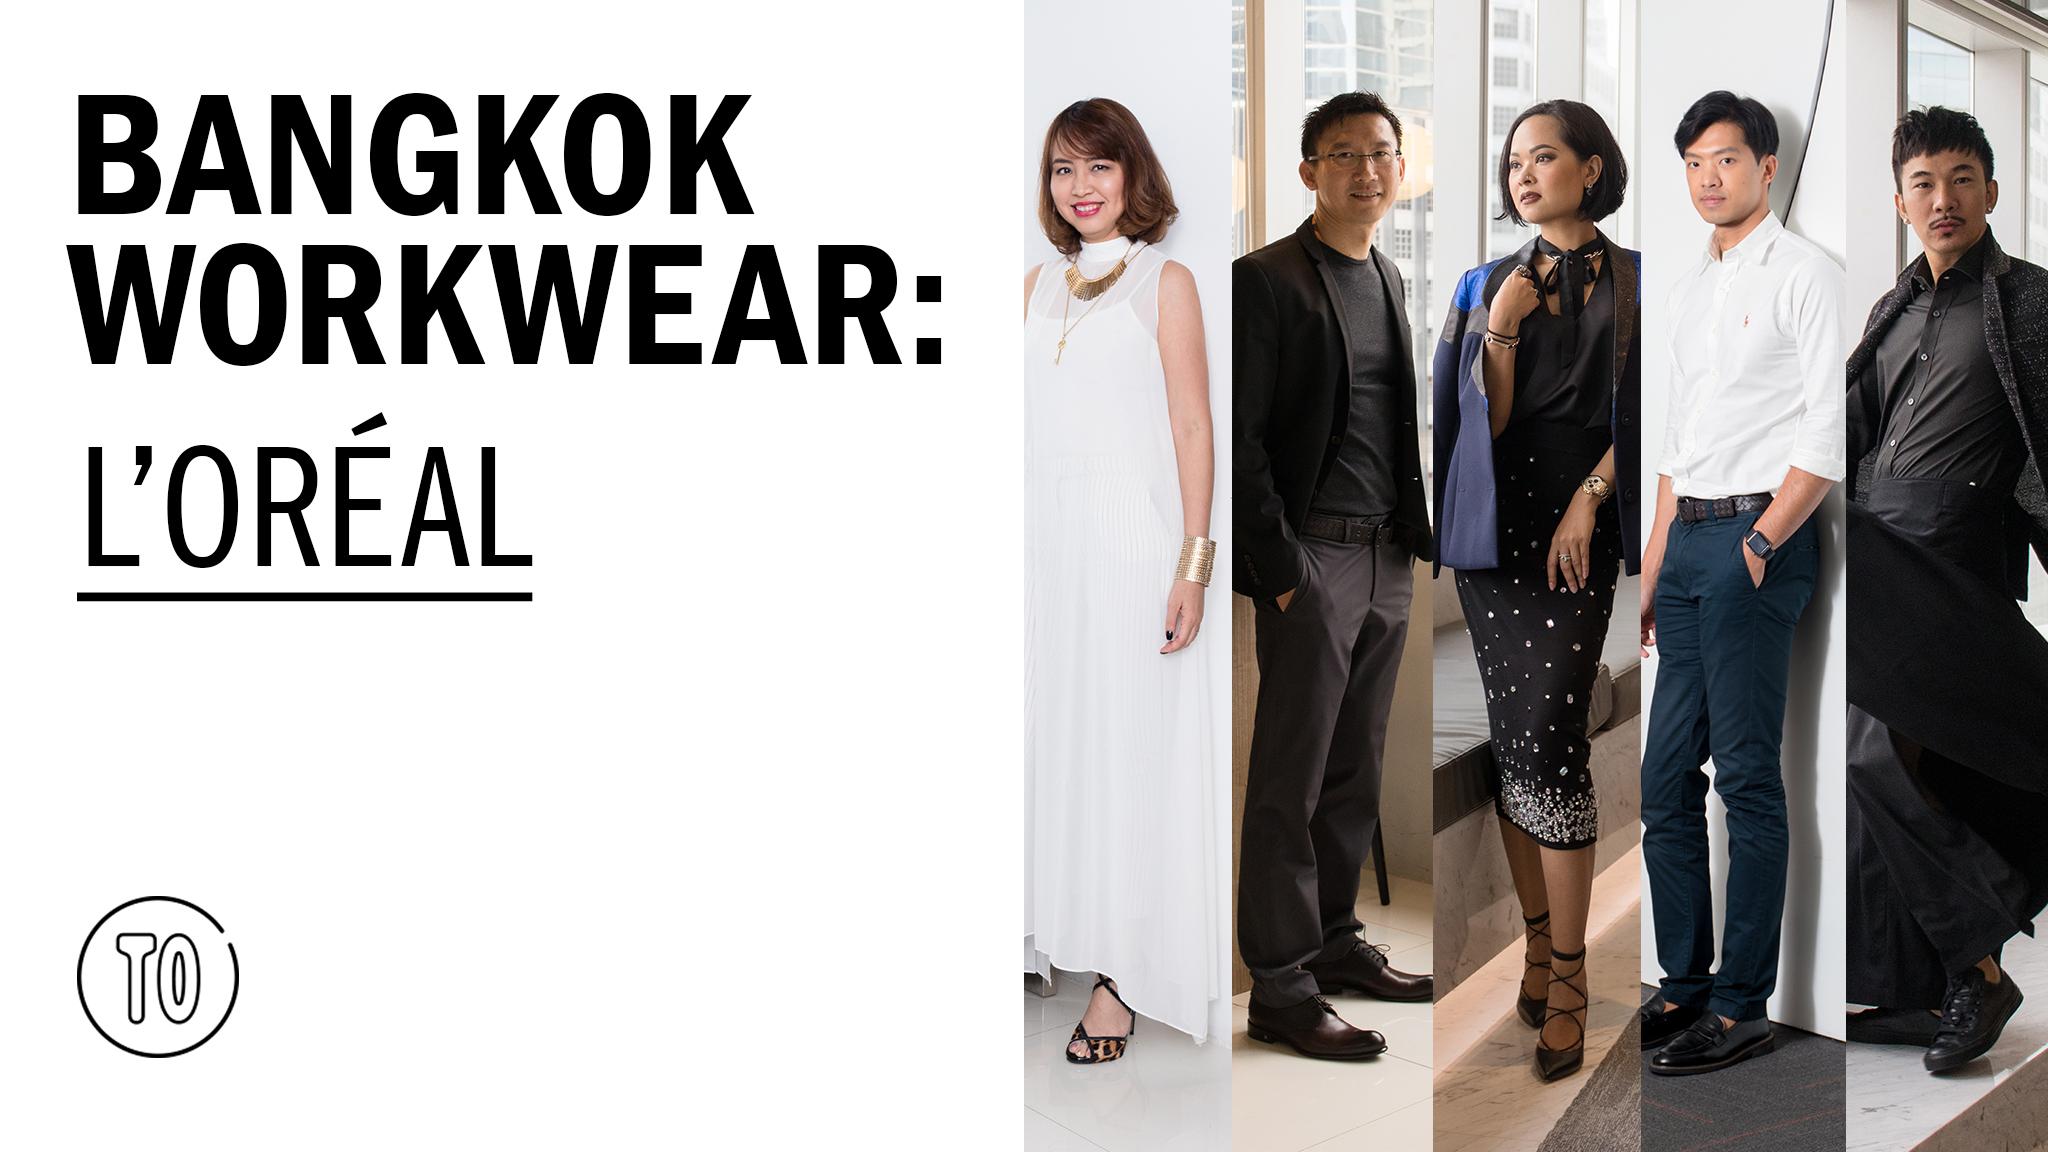 Bangkok Workwear: LOreal